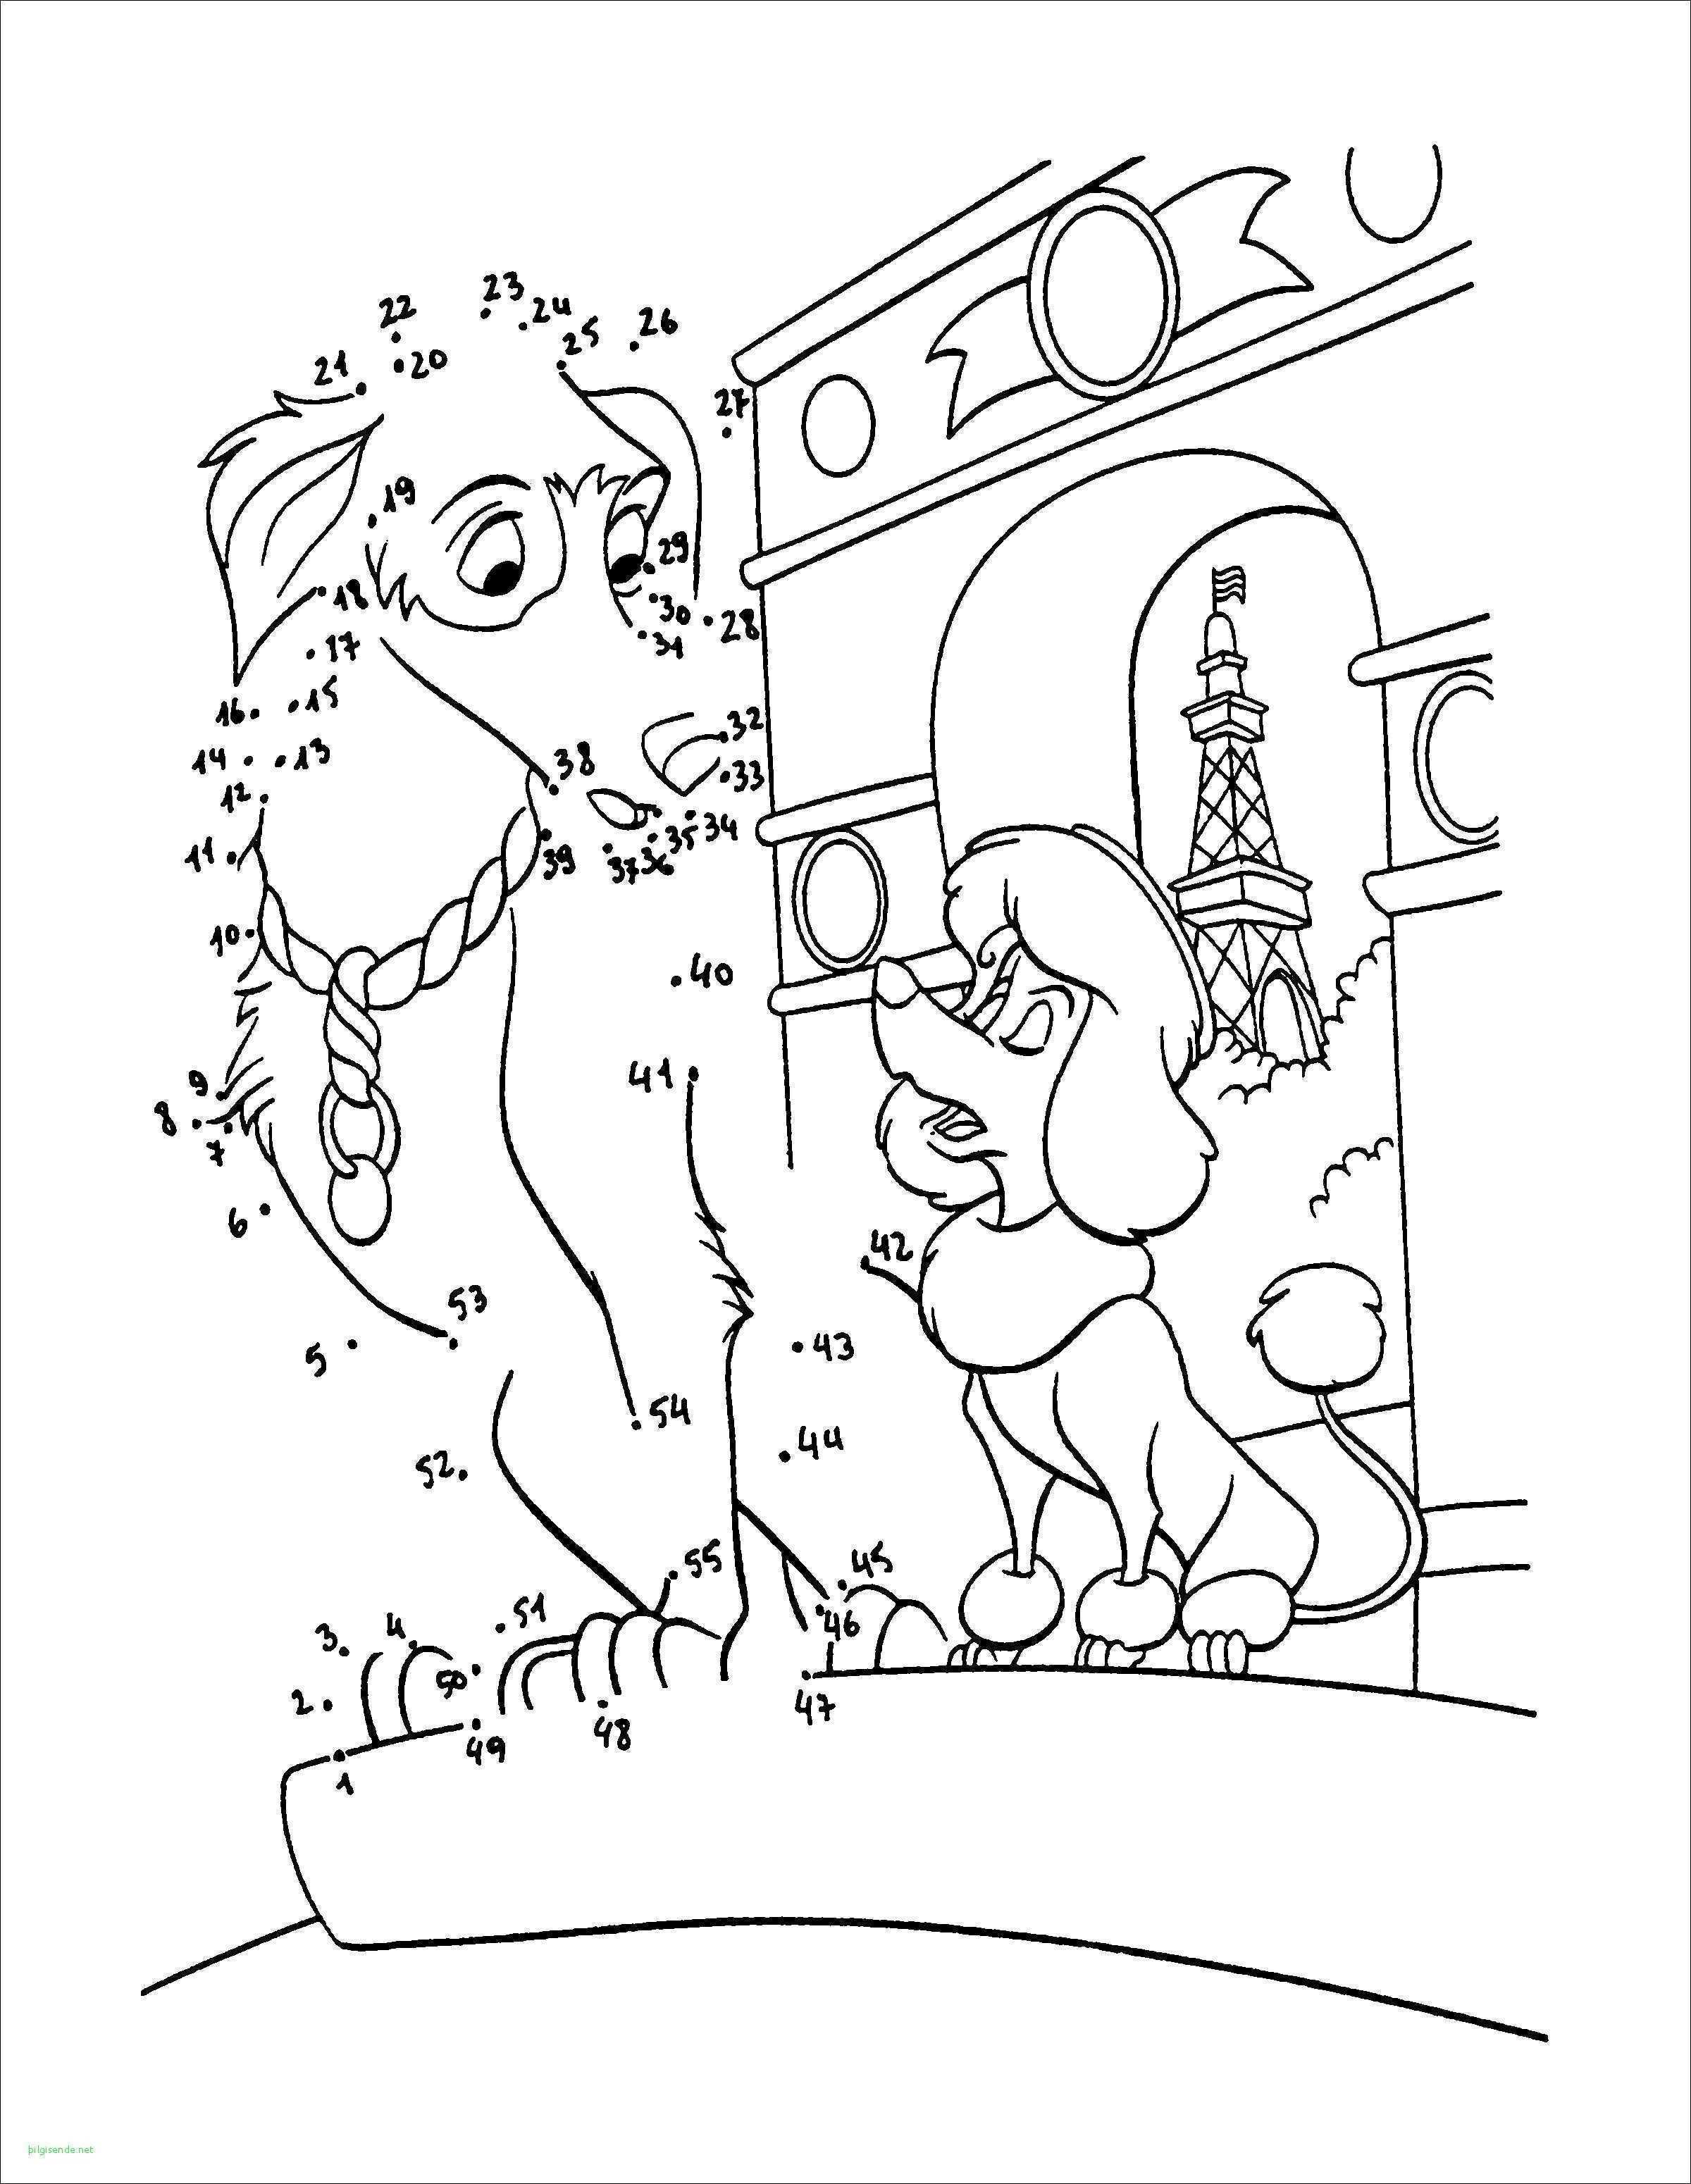 Ausmalbilder Emily Erdbeer Neu Hello Kitty Zeichnen Bild Feuerwehrauto Zum Ausmalen – Ausmalbilder Stock